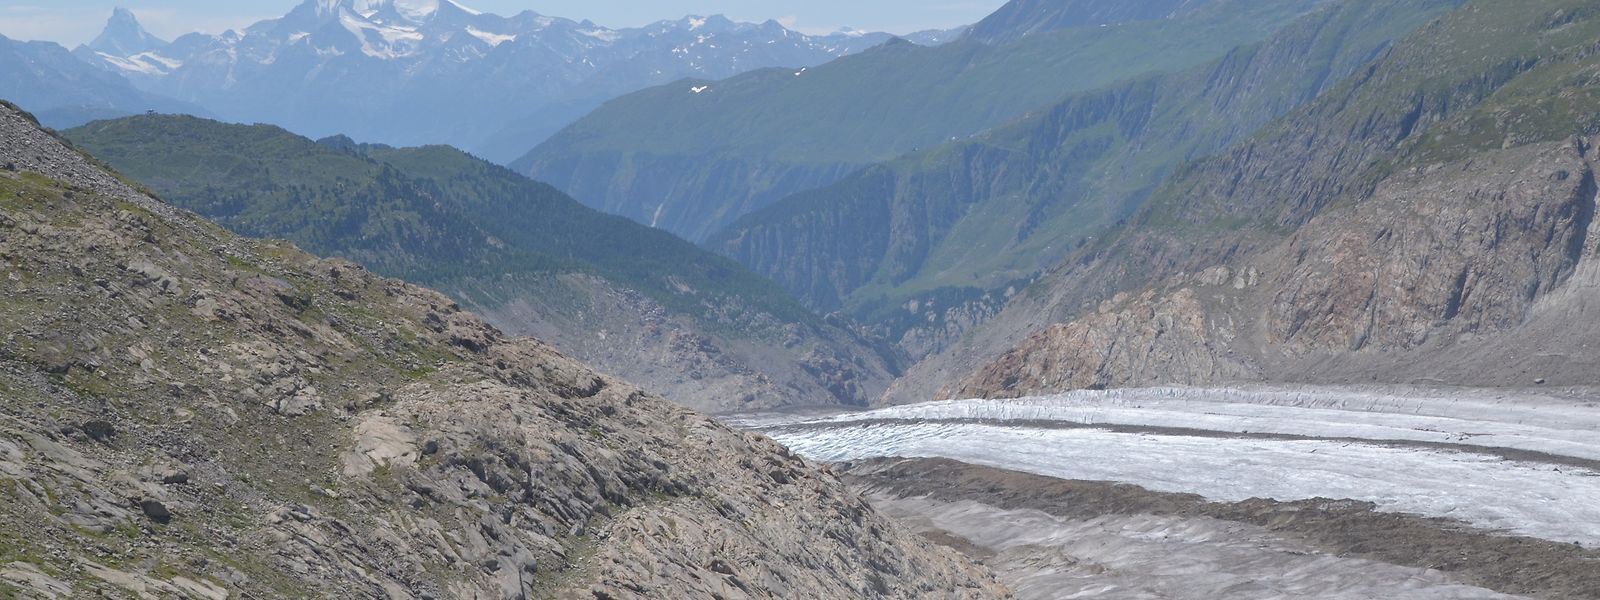 So sieht Gletscherschwund aus: Die glatten Felsen waren vor einigen Jahrzehnten noch von Eis bedeckt.